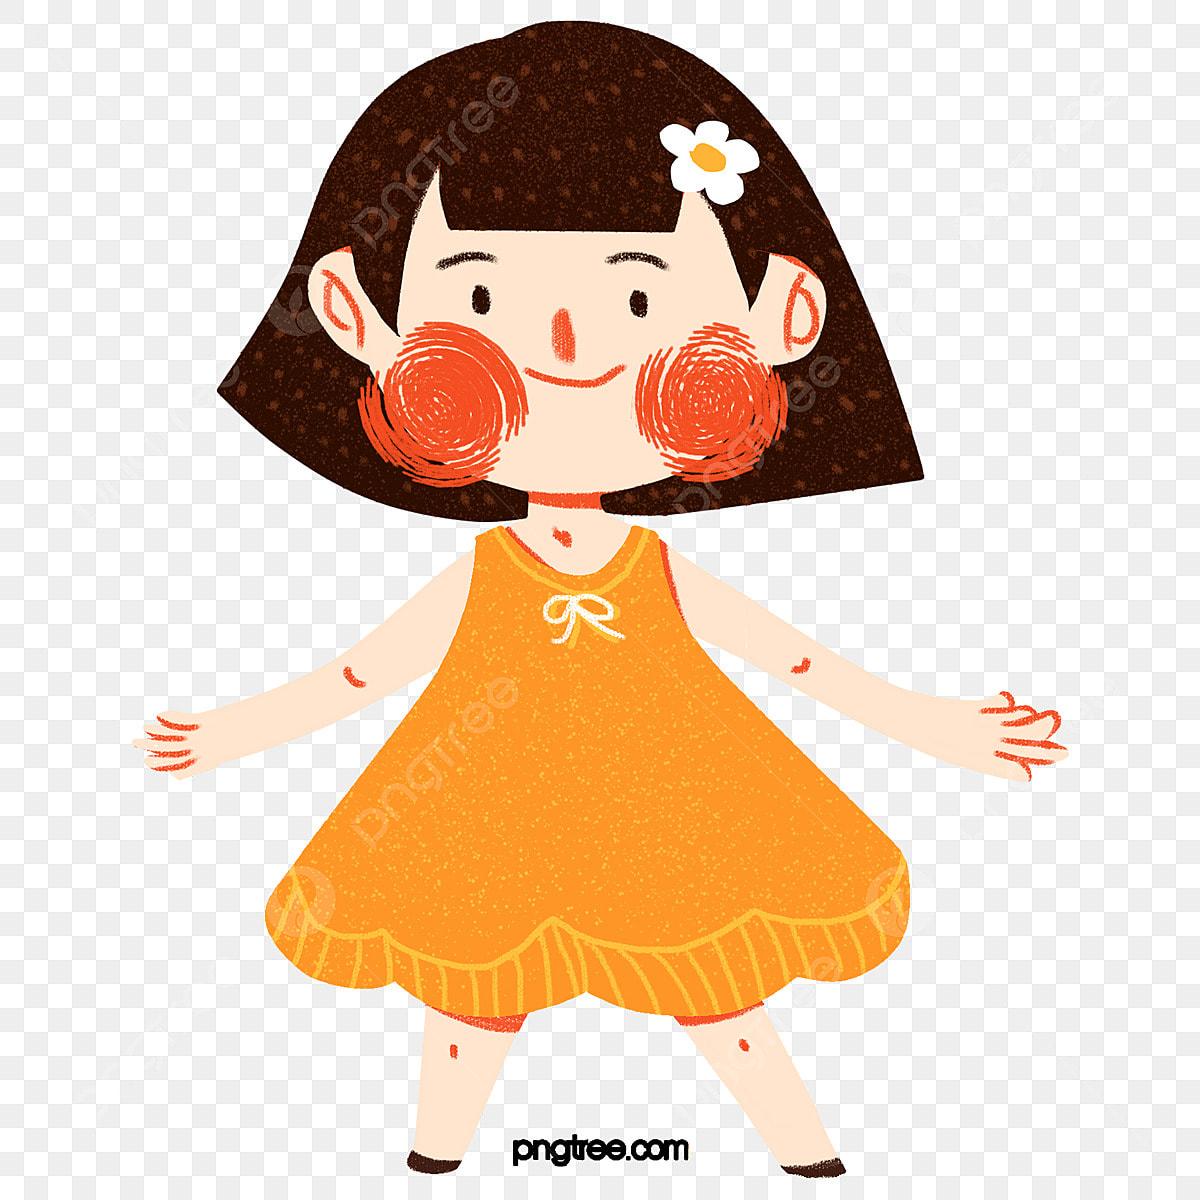 Gambar Kartun Wanita Muslimah Tersenyum Gambar Kartun Gadis Kecil Dalam Pakaian Oren Gadis Rambut Pendek Tersenyum Png Dan Psd Untuk Muat Turun Percuma